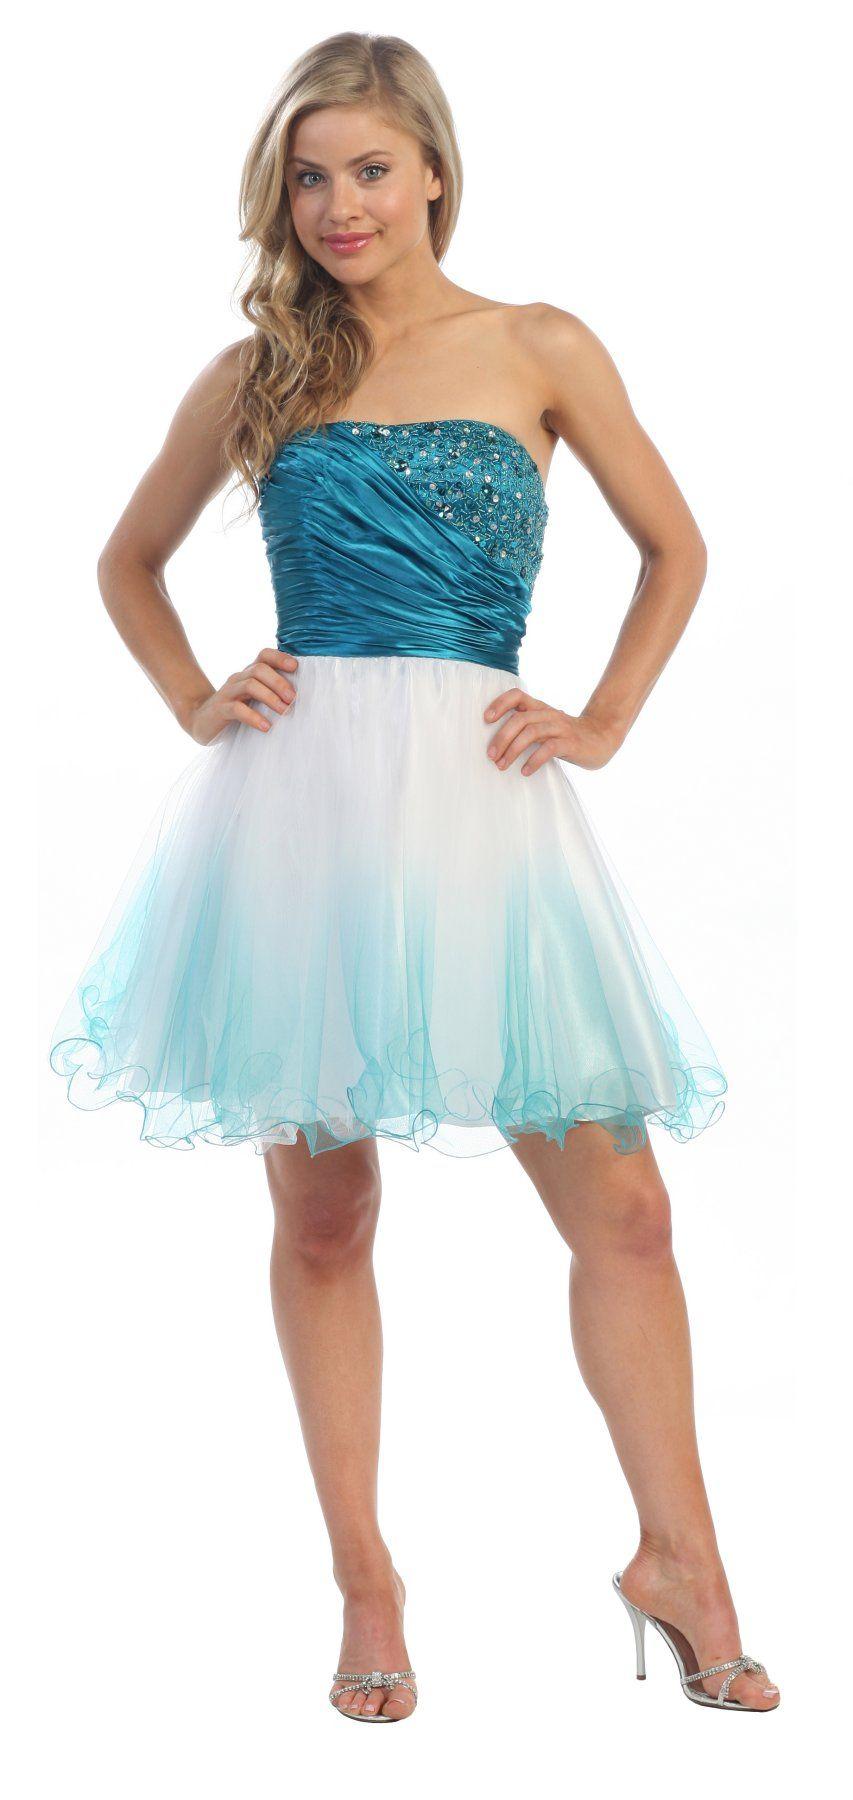 Short Ombre Teal Tulle Dress Strapless Poofy Skirt Beading Satin